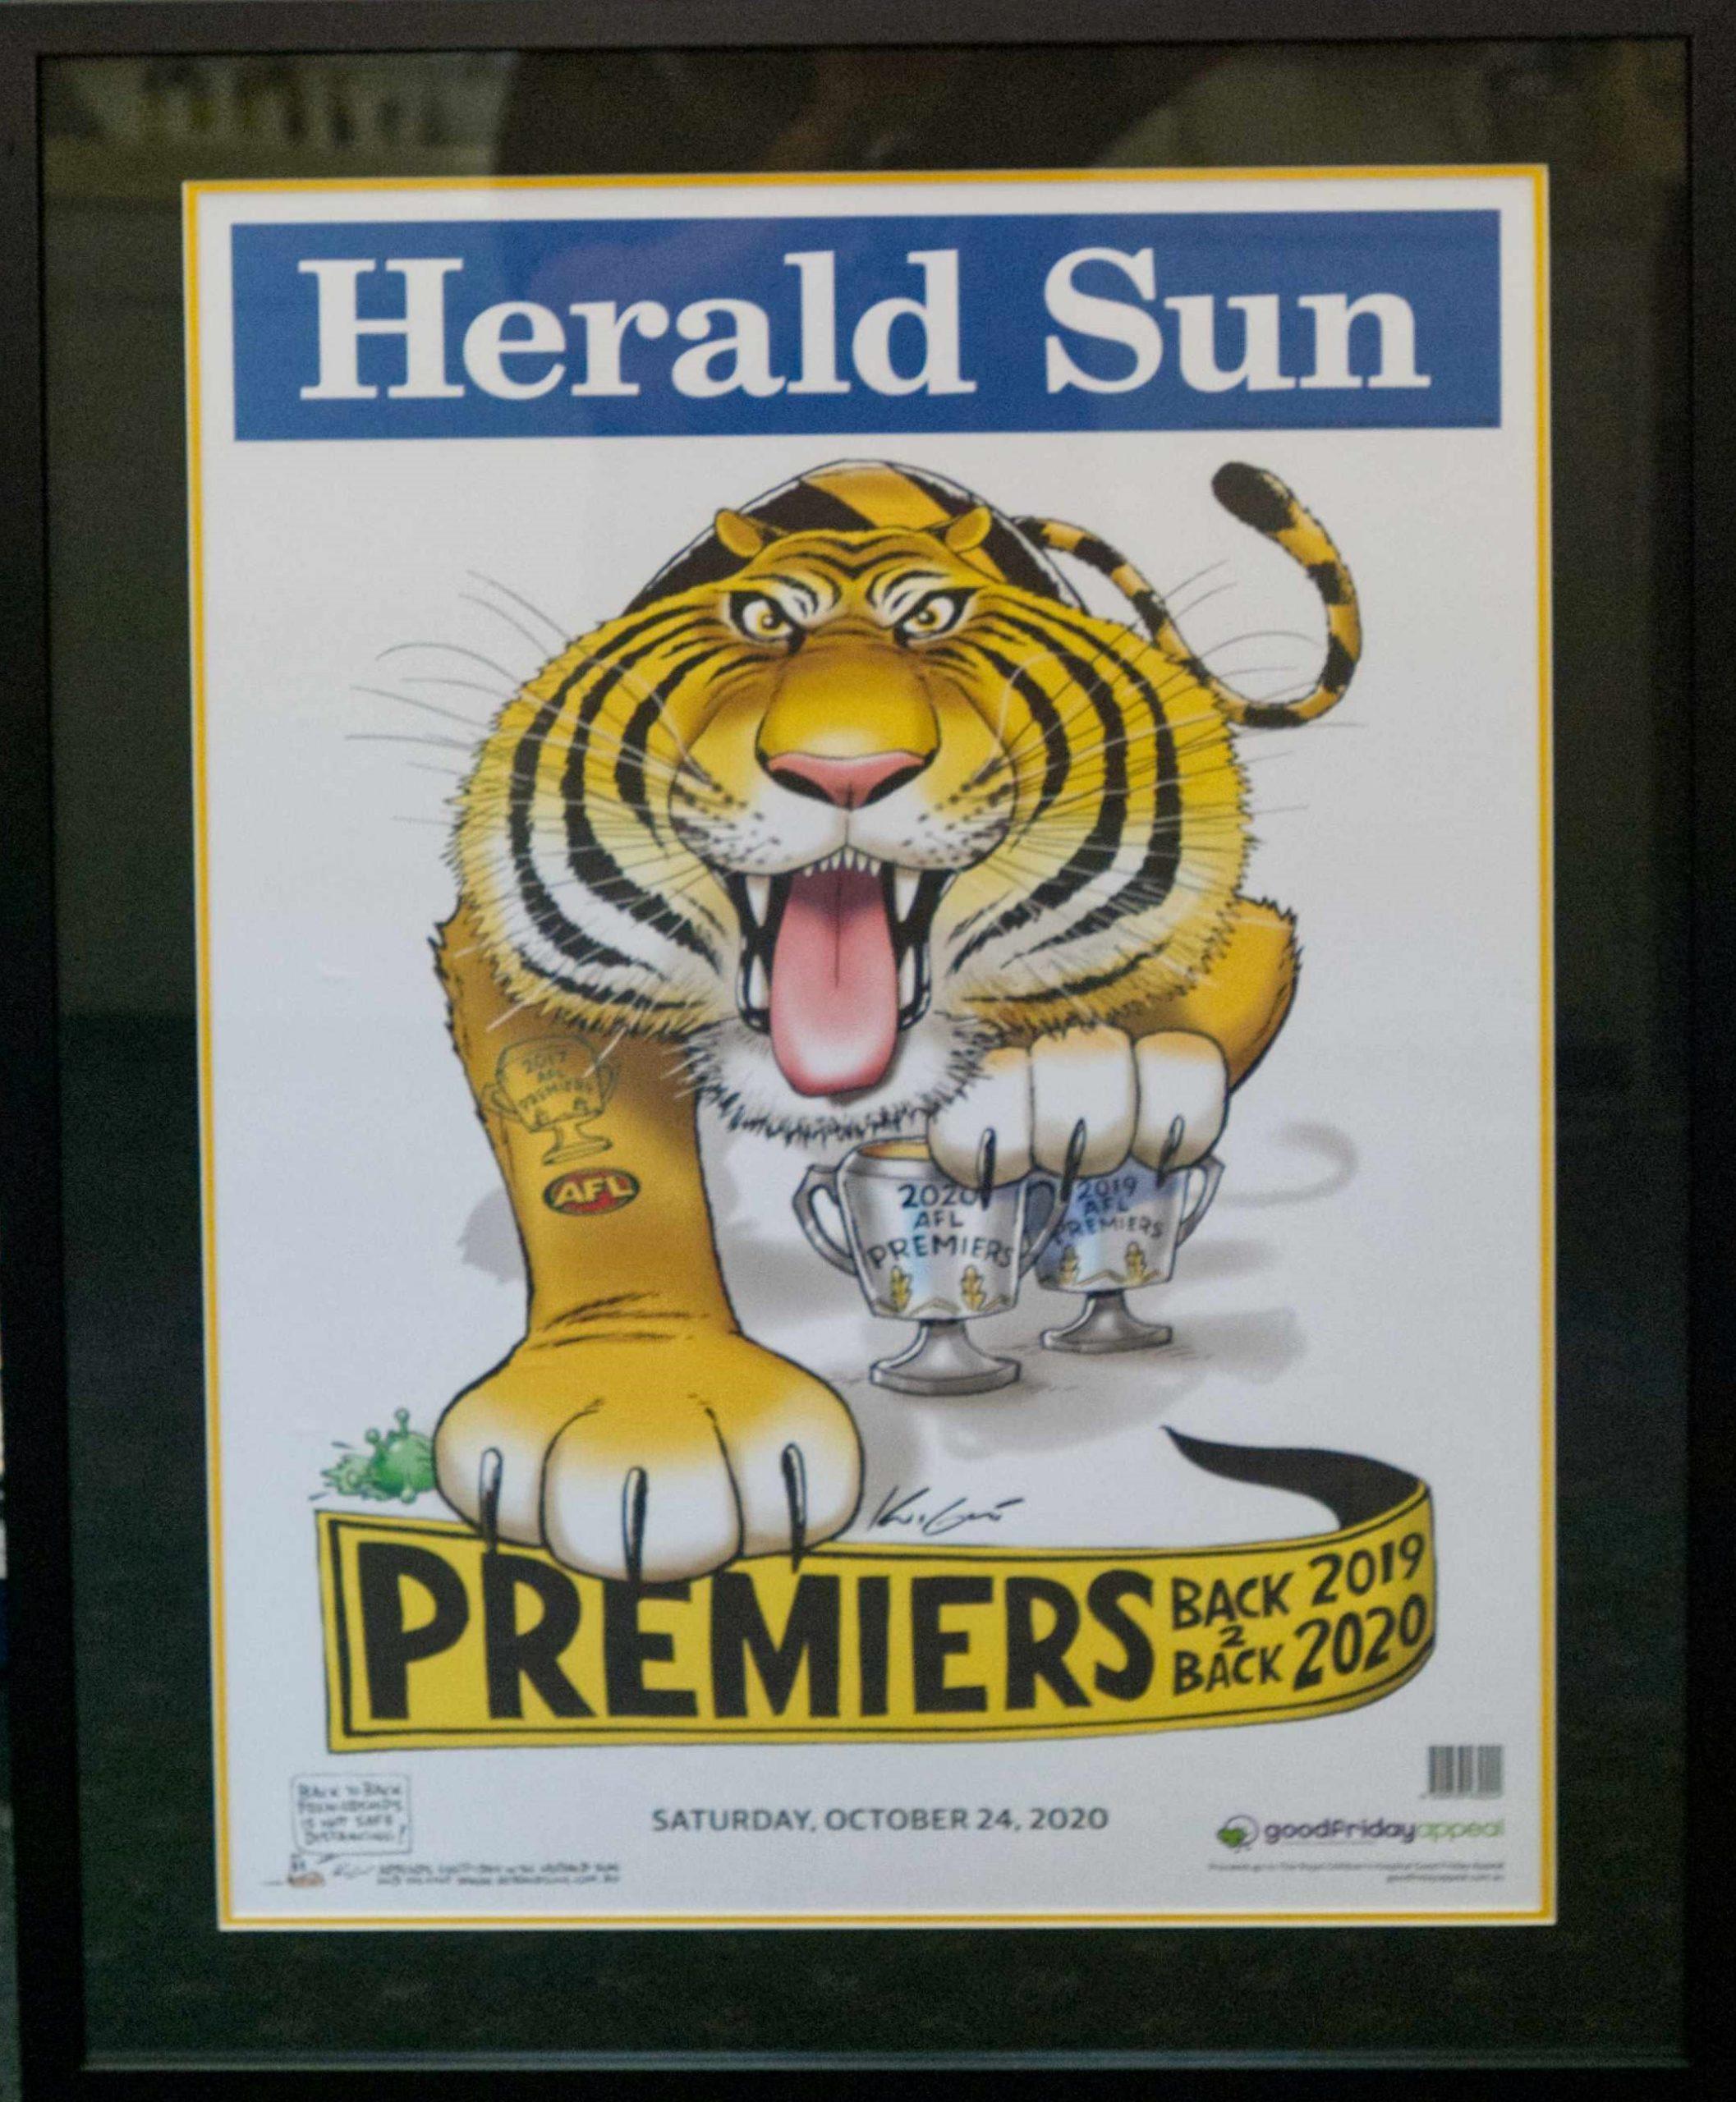 Framed Tigers Premiership poster for sale $250